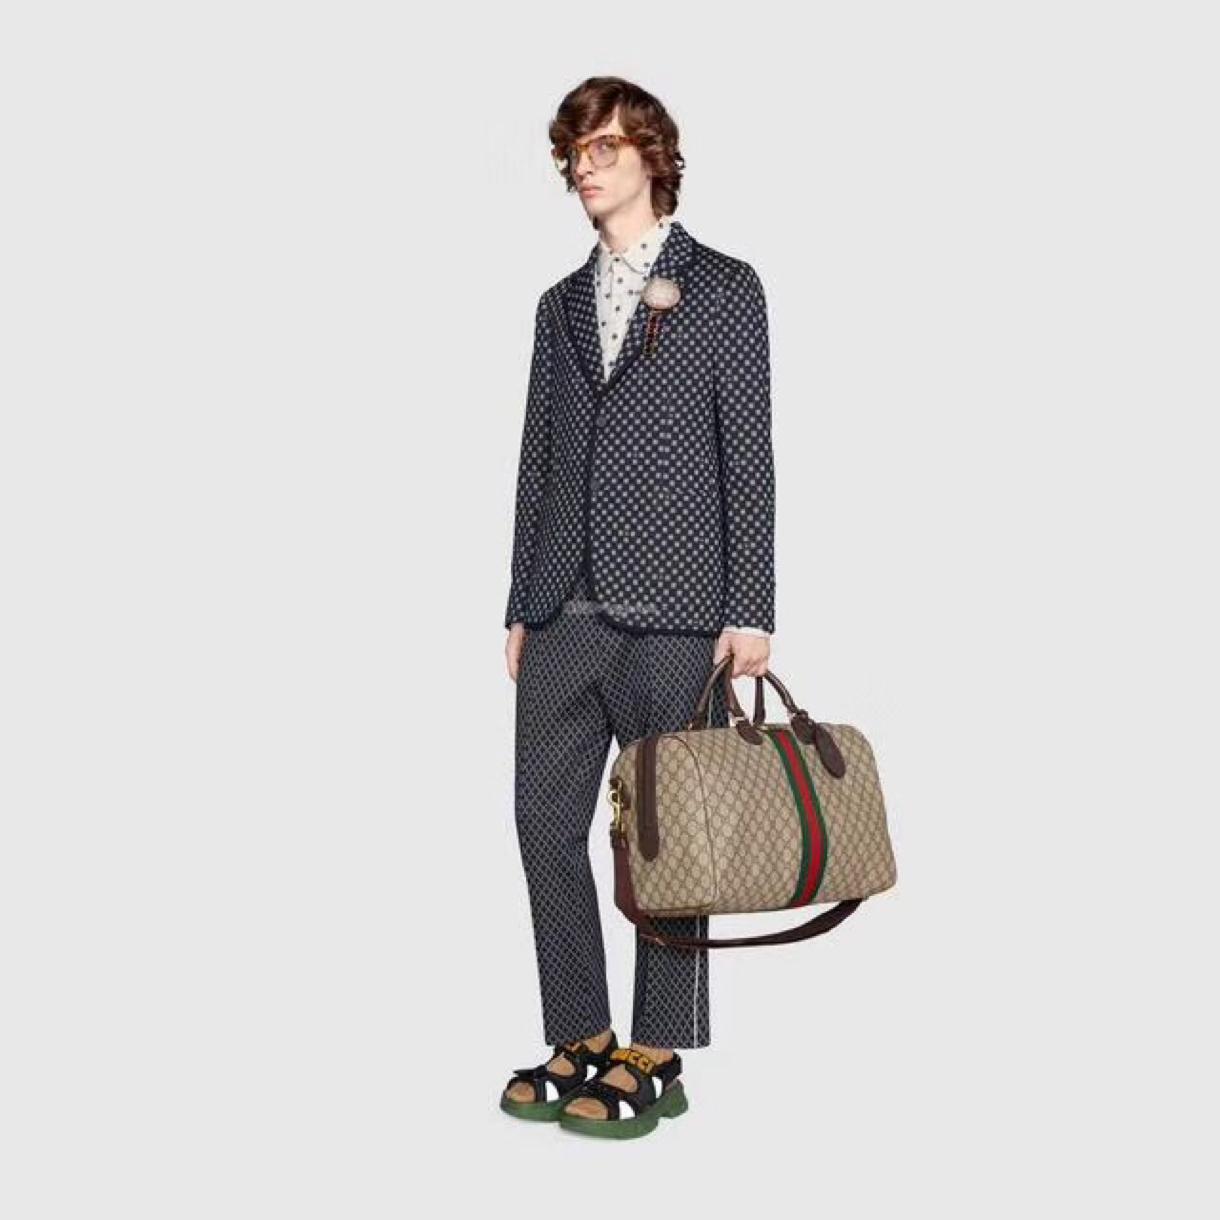 2020 Moda de lona marrom multi função sacos de homens bolsas bolsas saco de alta qualidade mão francês preto tela Unisex Women 010502 010607